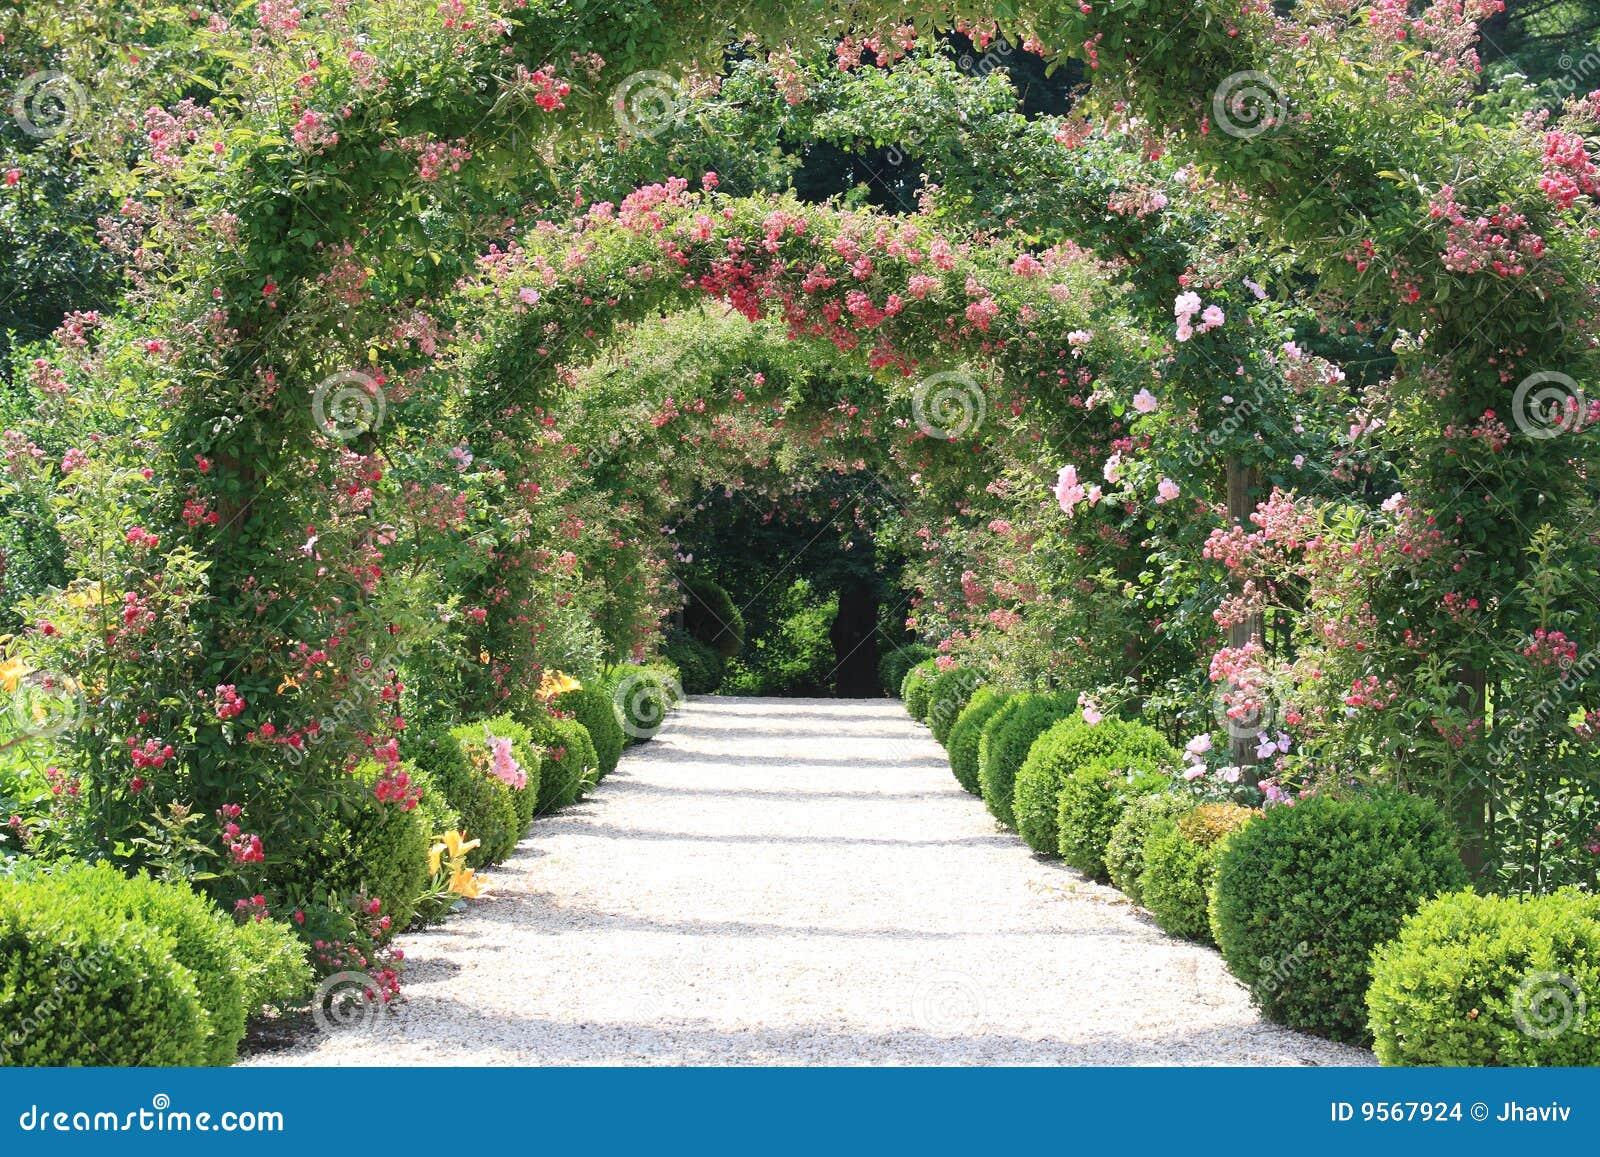 Найти картинки природа цветочные арки в саду 2